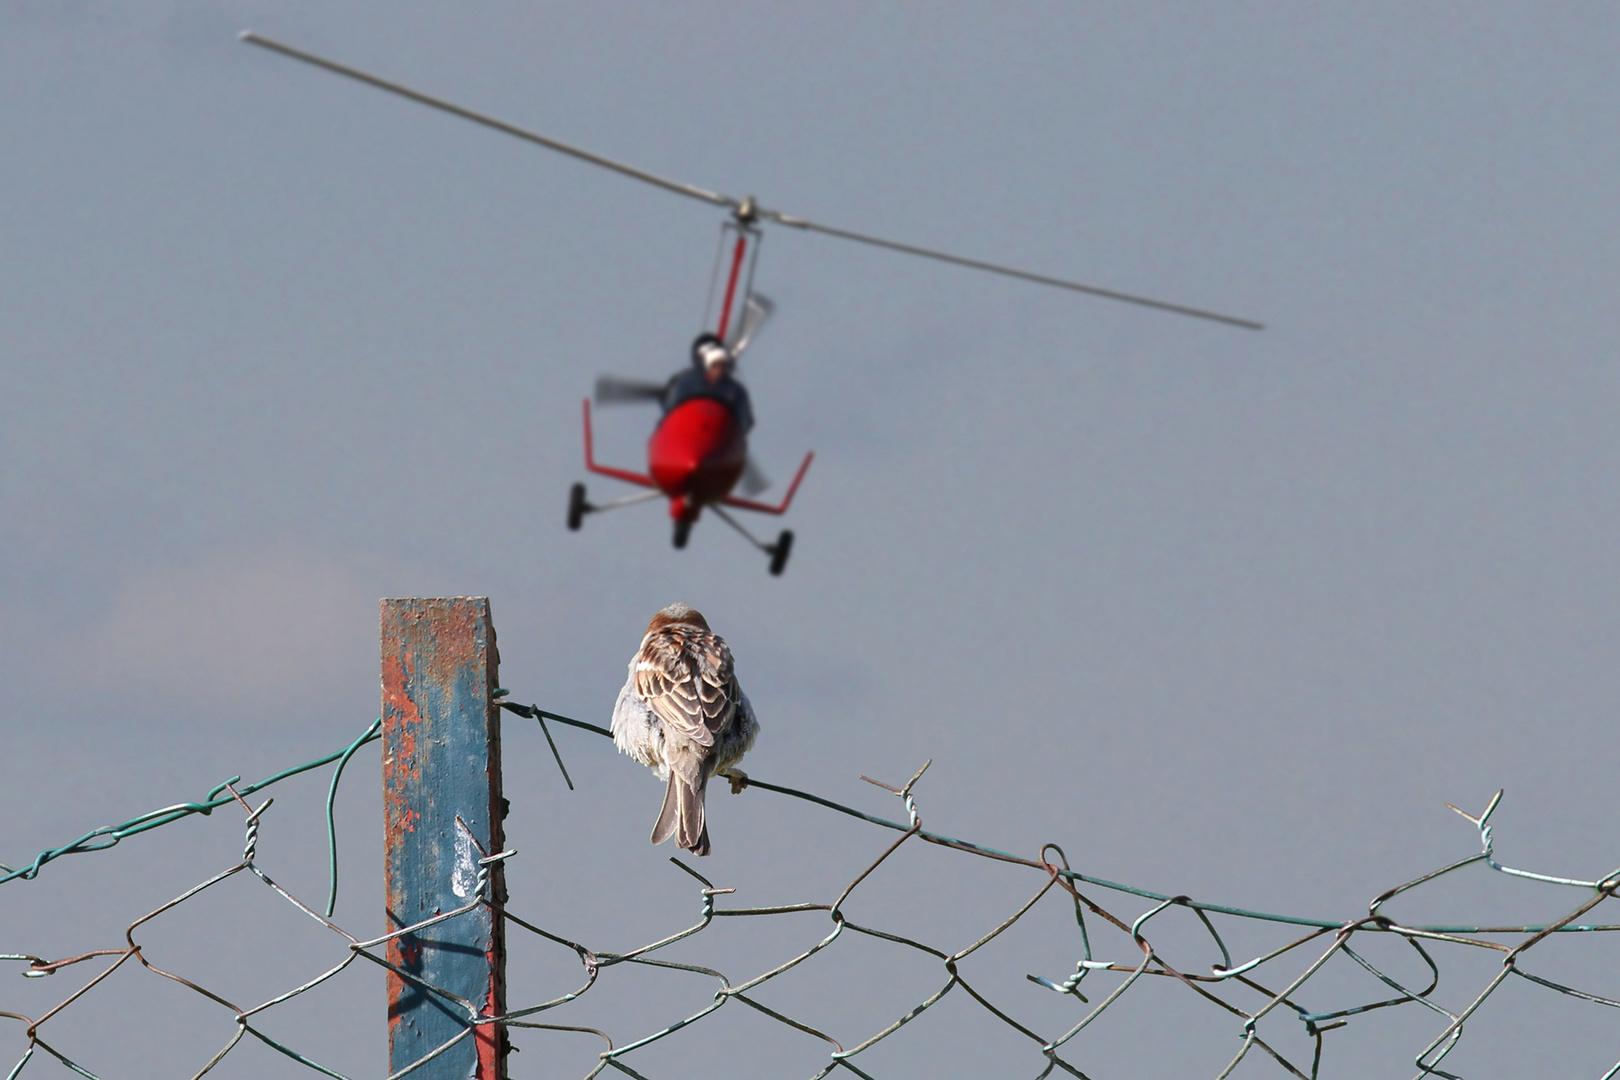 C'est l'histoire d'un moineau qui regardait passer les avions... et rêvait de voler